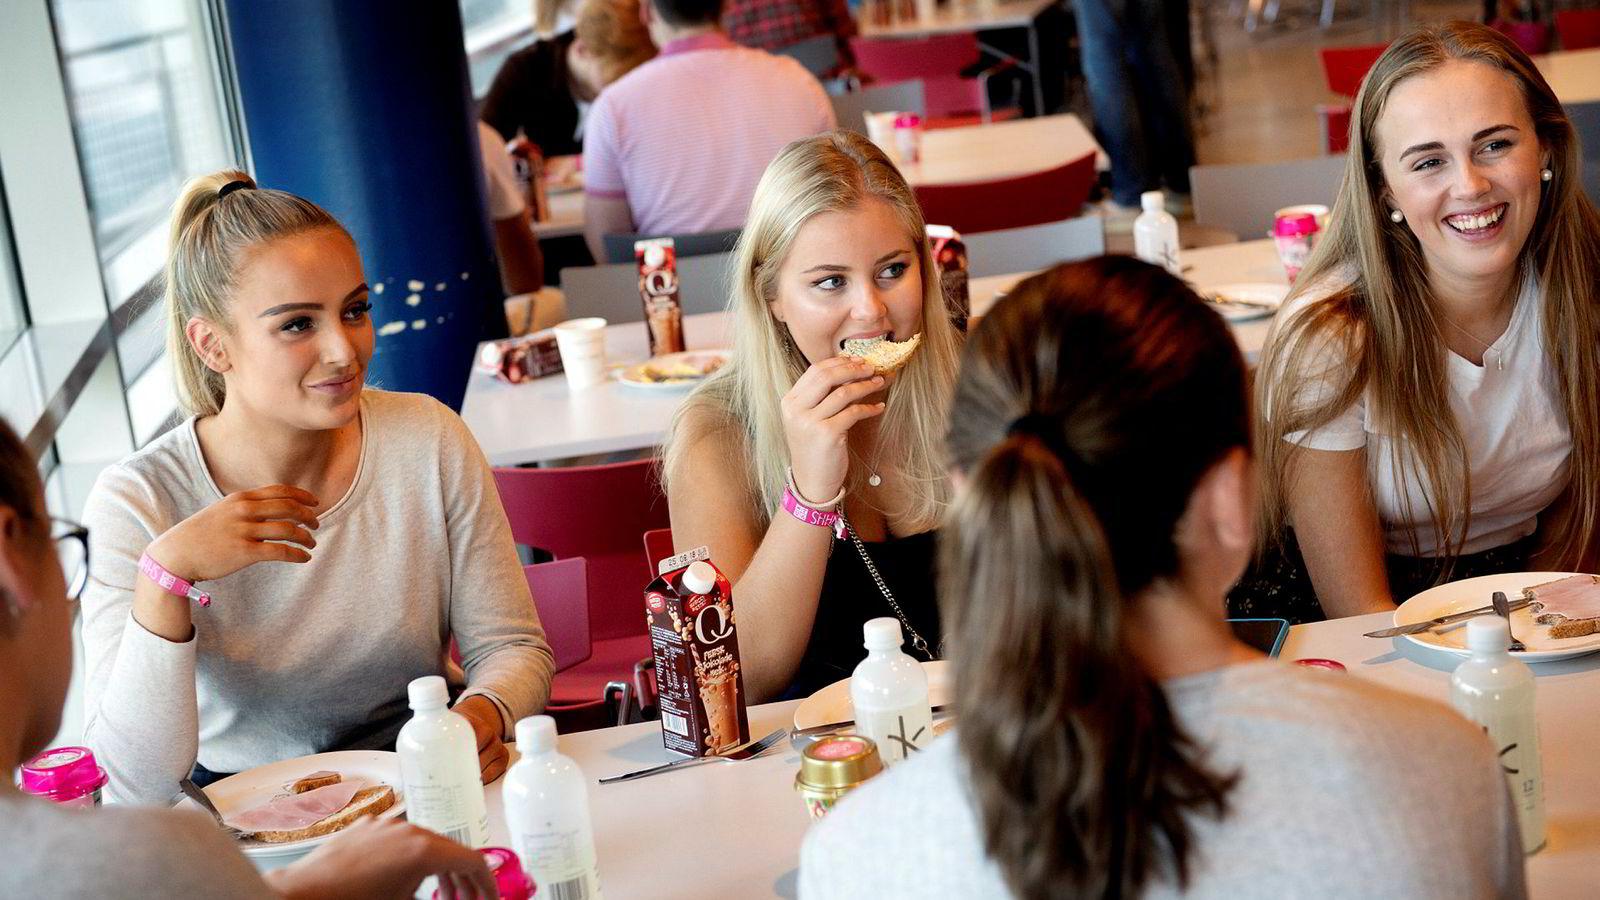 Elisa Dokset Kosberg (19), Irene Marie Haavesen (19) og Thale Krohn-Pettersen (18) synes ikke det var så vanskelig å komme seg opp til obligatorisk frokostmøte på NHH etter første kveld på førstekullsuken. – Vi var ikke hjemme så sent, sier de.